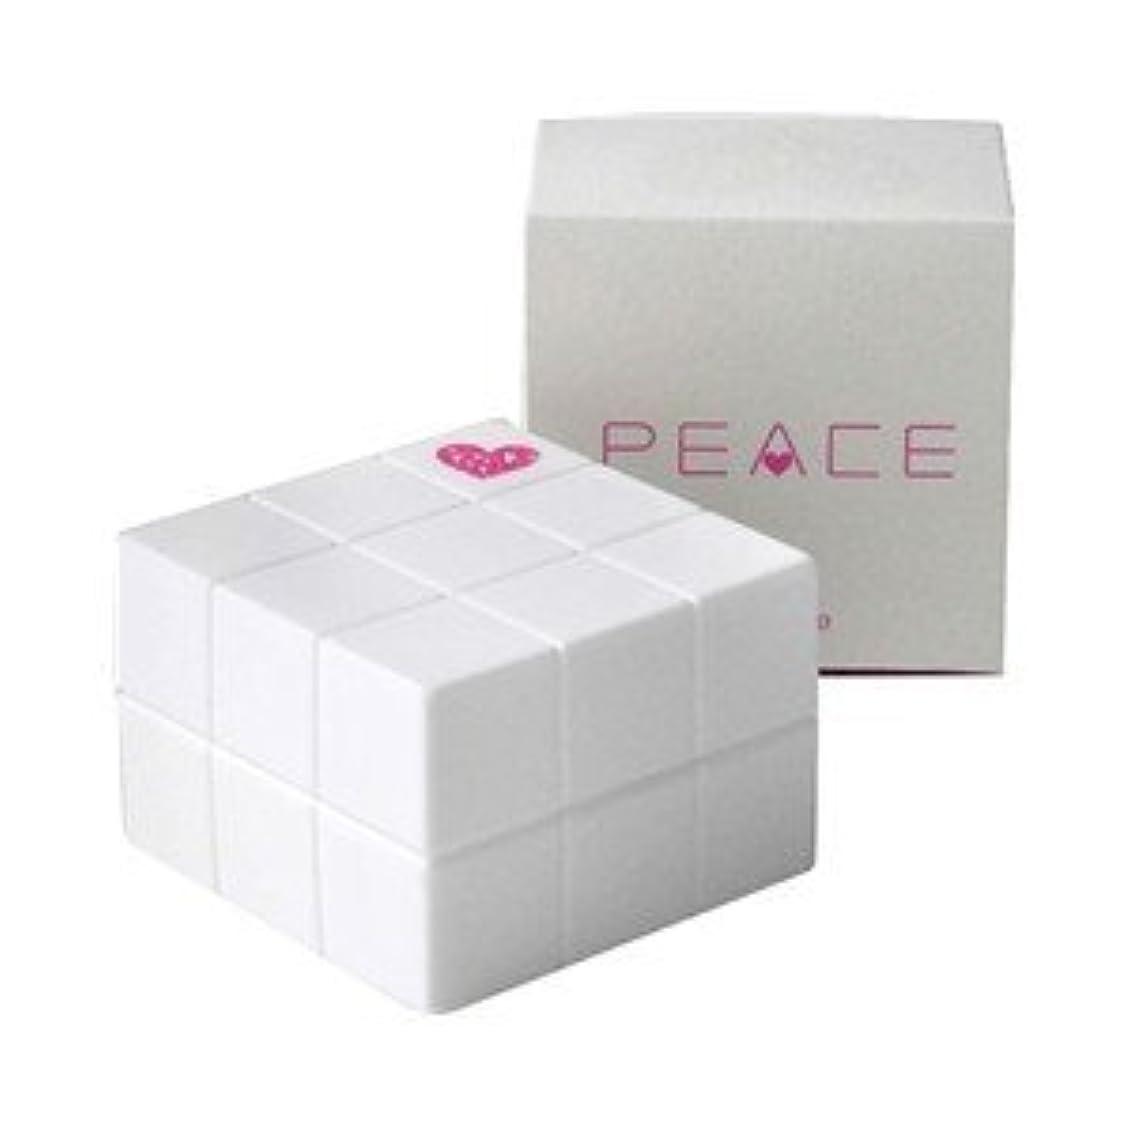 クリーク延ばす受け皿アリミノ ピース プロデザイン グロスワックス40g ×2個 セット arimino PEACE